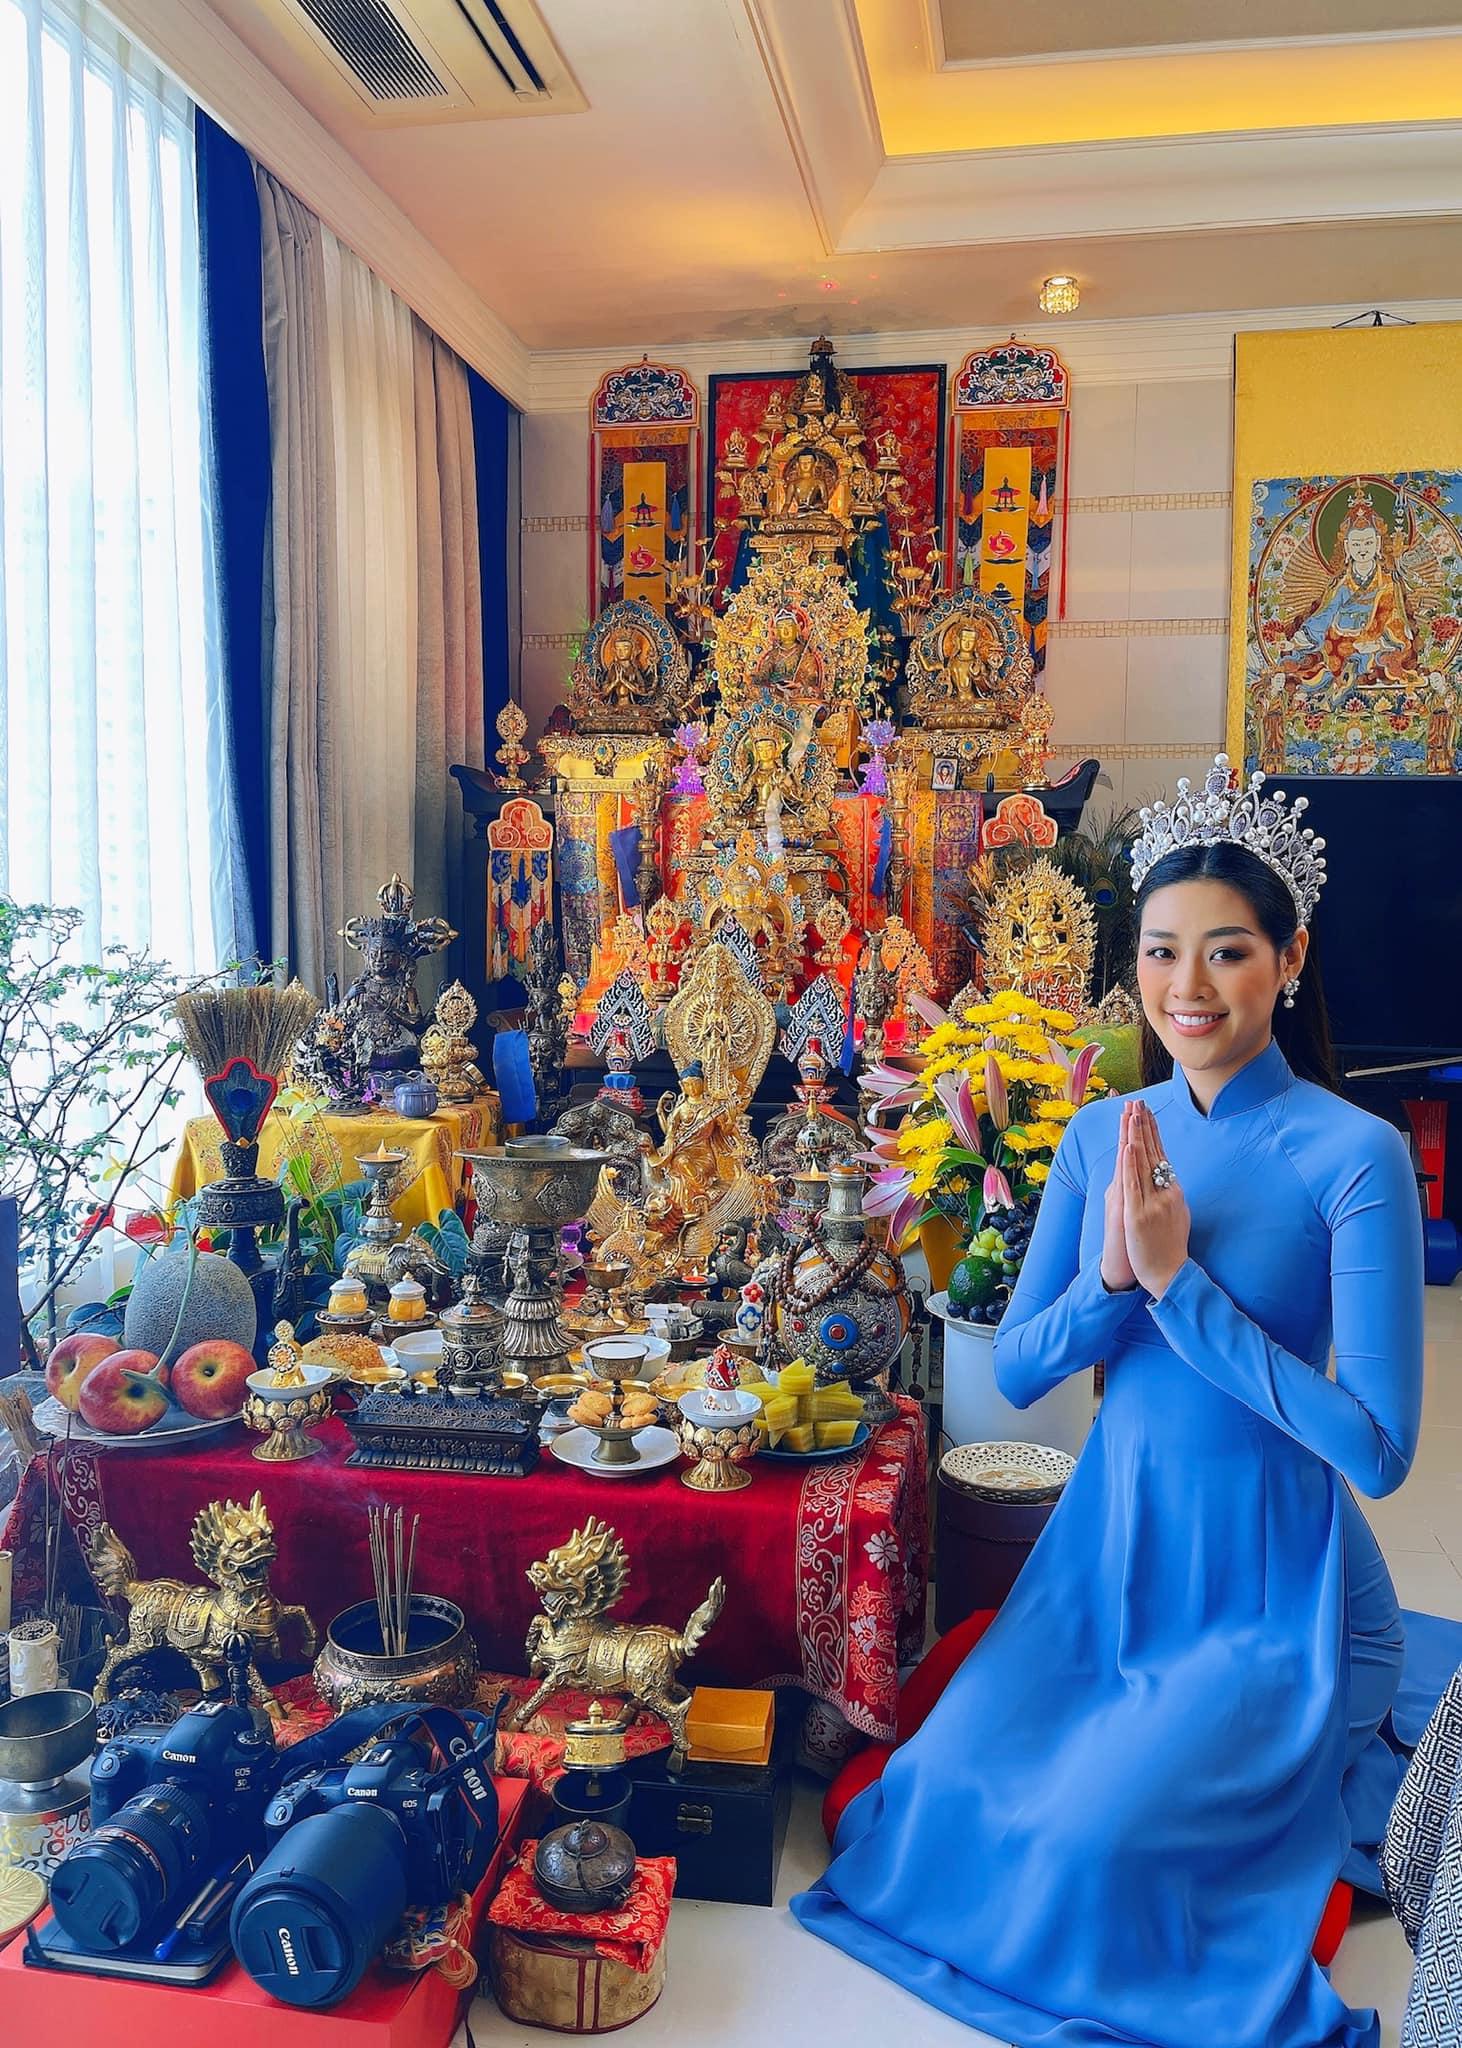 Hoa hậu Khánh Vân diện áo dài, đội vương miện trong lễ cúng giỗ Tổ tại nhà.